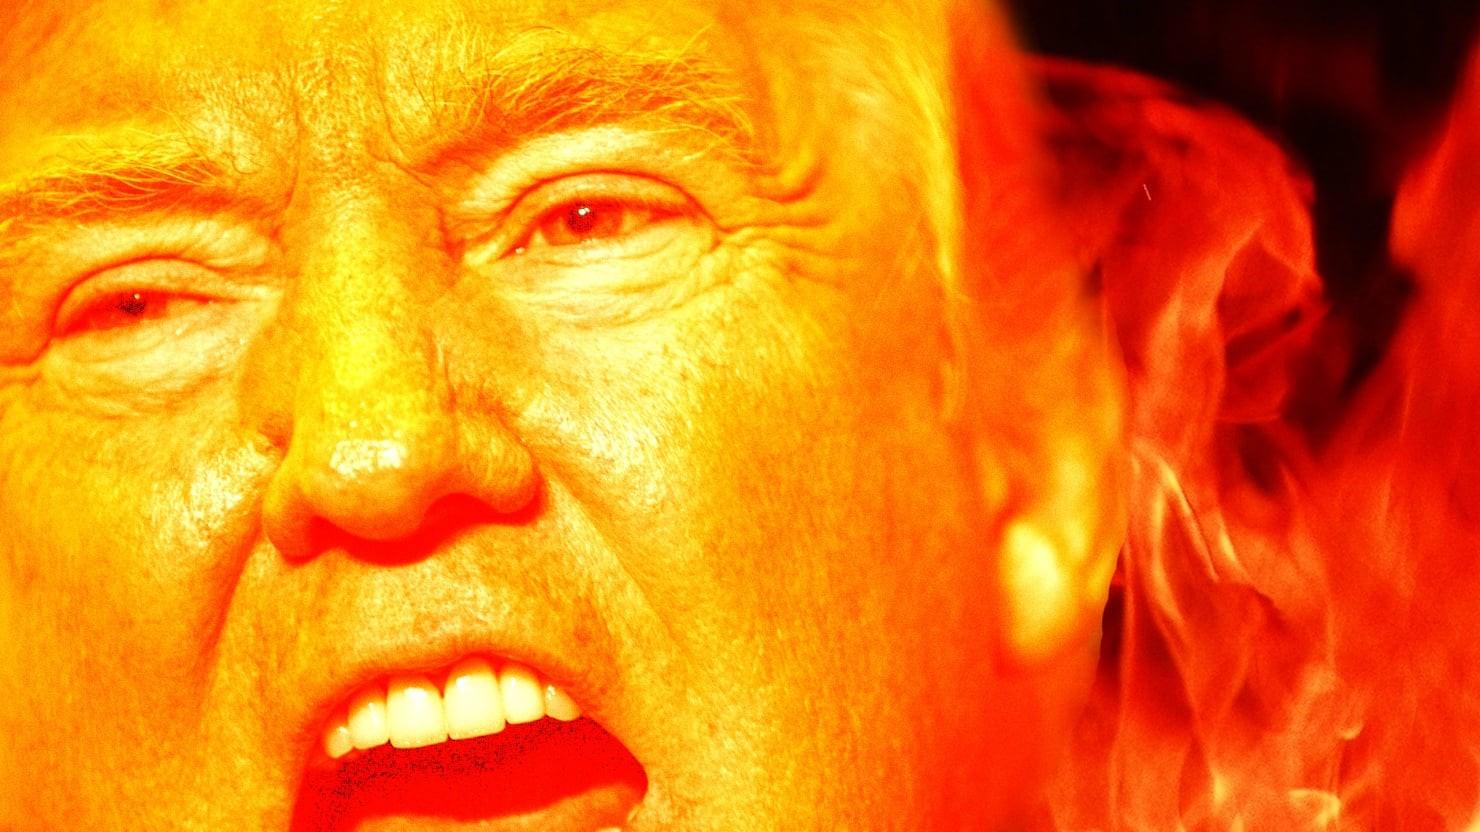 """di Luca Marfé Alzare i toni, sbattere i pugni sul tavolo anche quando non è necessario, mostrare i muscoli di un'America orgogliosa fino ad ostentarli, cercare di impressionare un mondo già di per sé instabile, gettare benzina sul fuoco di ogni singolo dossier di politica estera. Questa, in tre righe, la sintesi estrema di ciò che potrebbe essere definito """"il metodo Trump"""". Un improvvisare che, tweet dopo tweet, è diventato oramai una scienza esatta."""